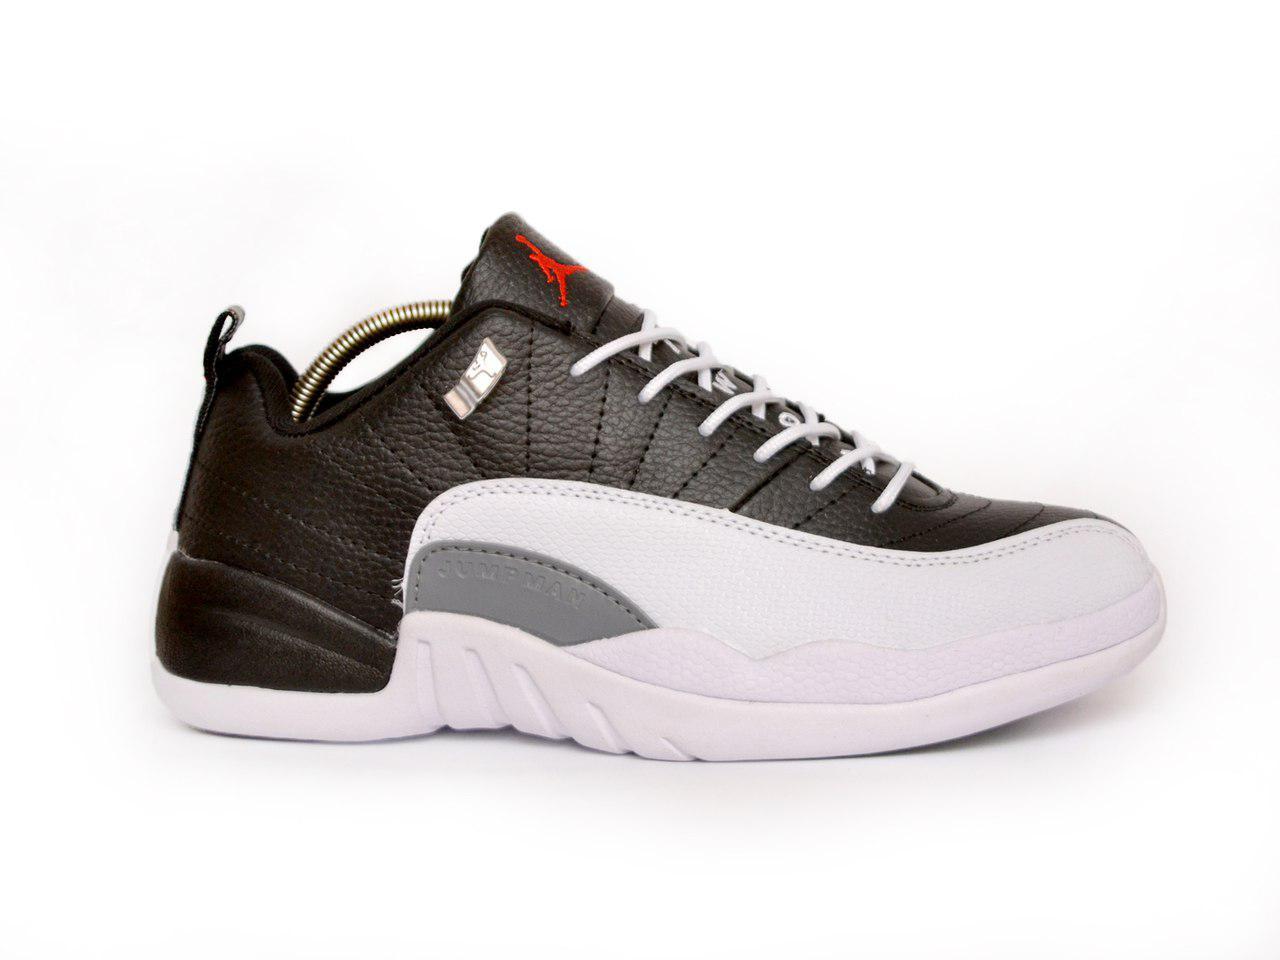 Чоловічі кросівки Nike Jordan Retro 12 Low, Репліка